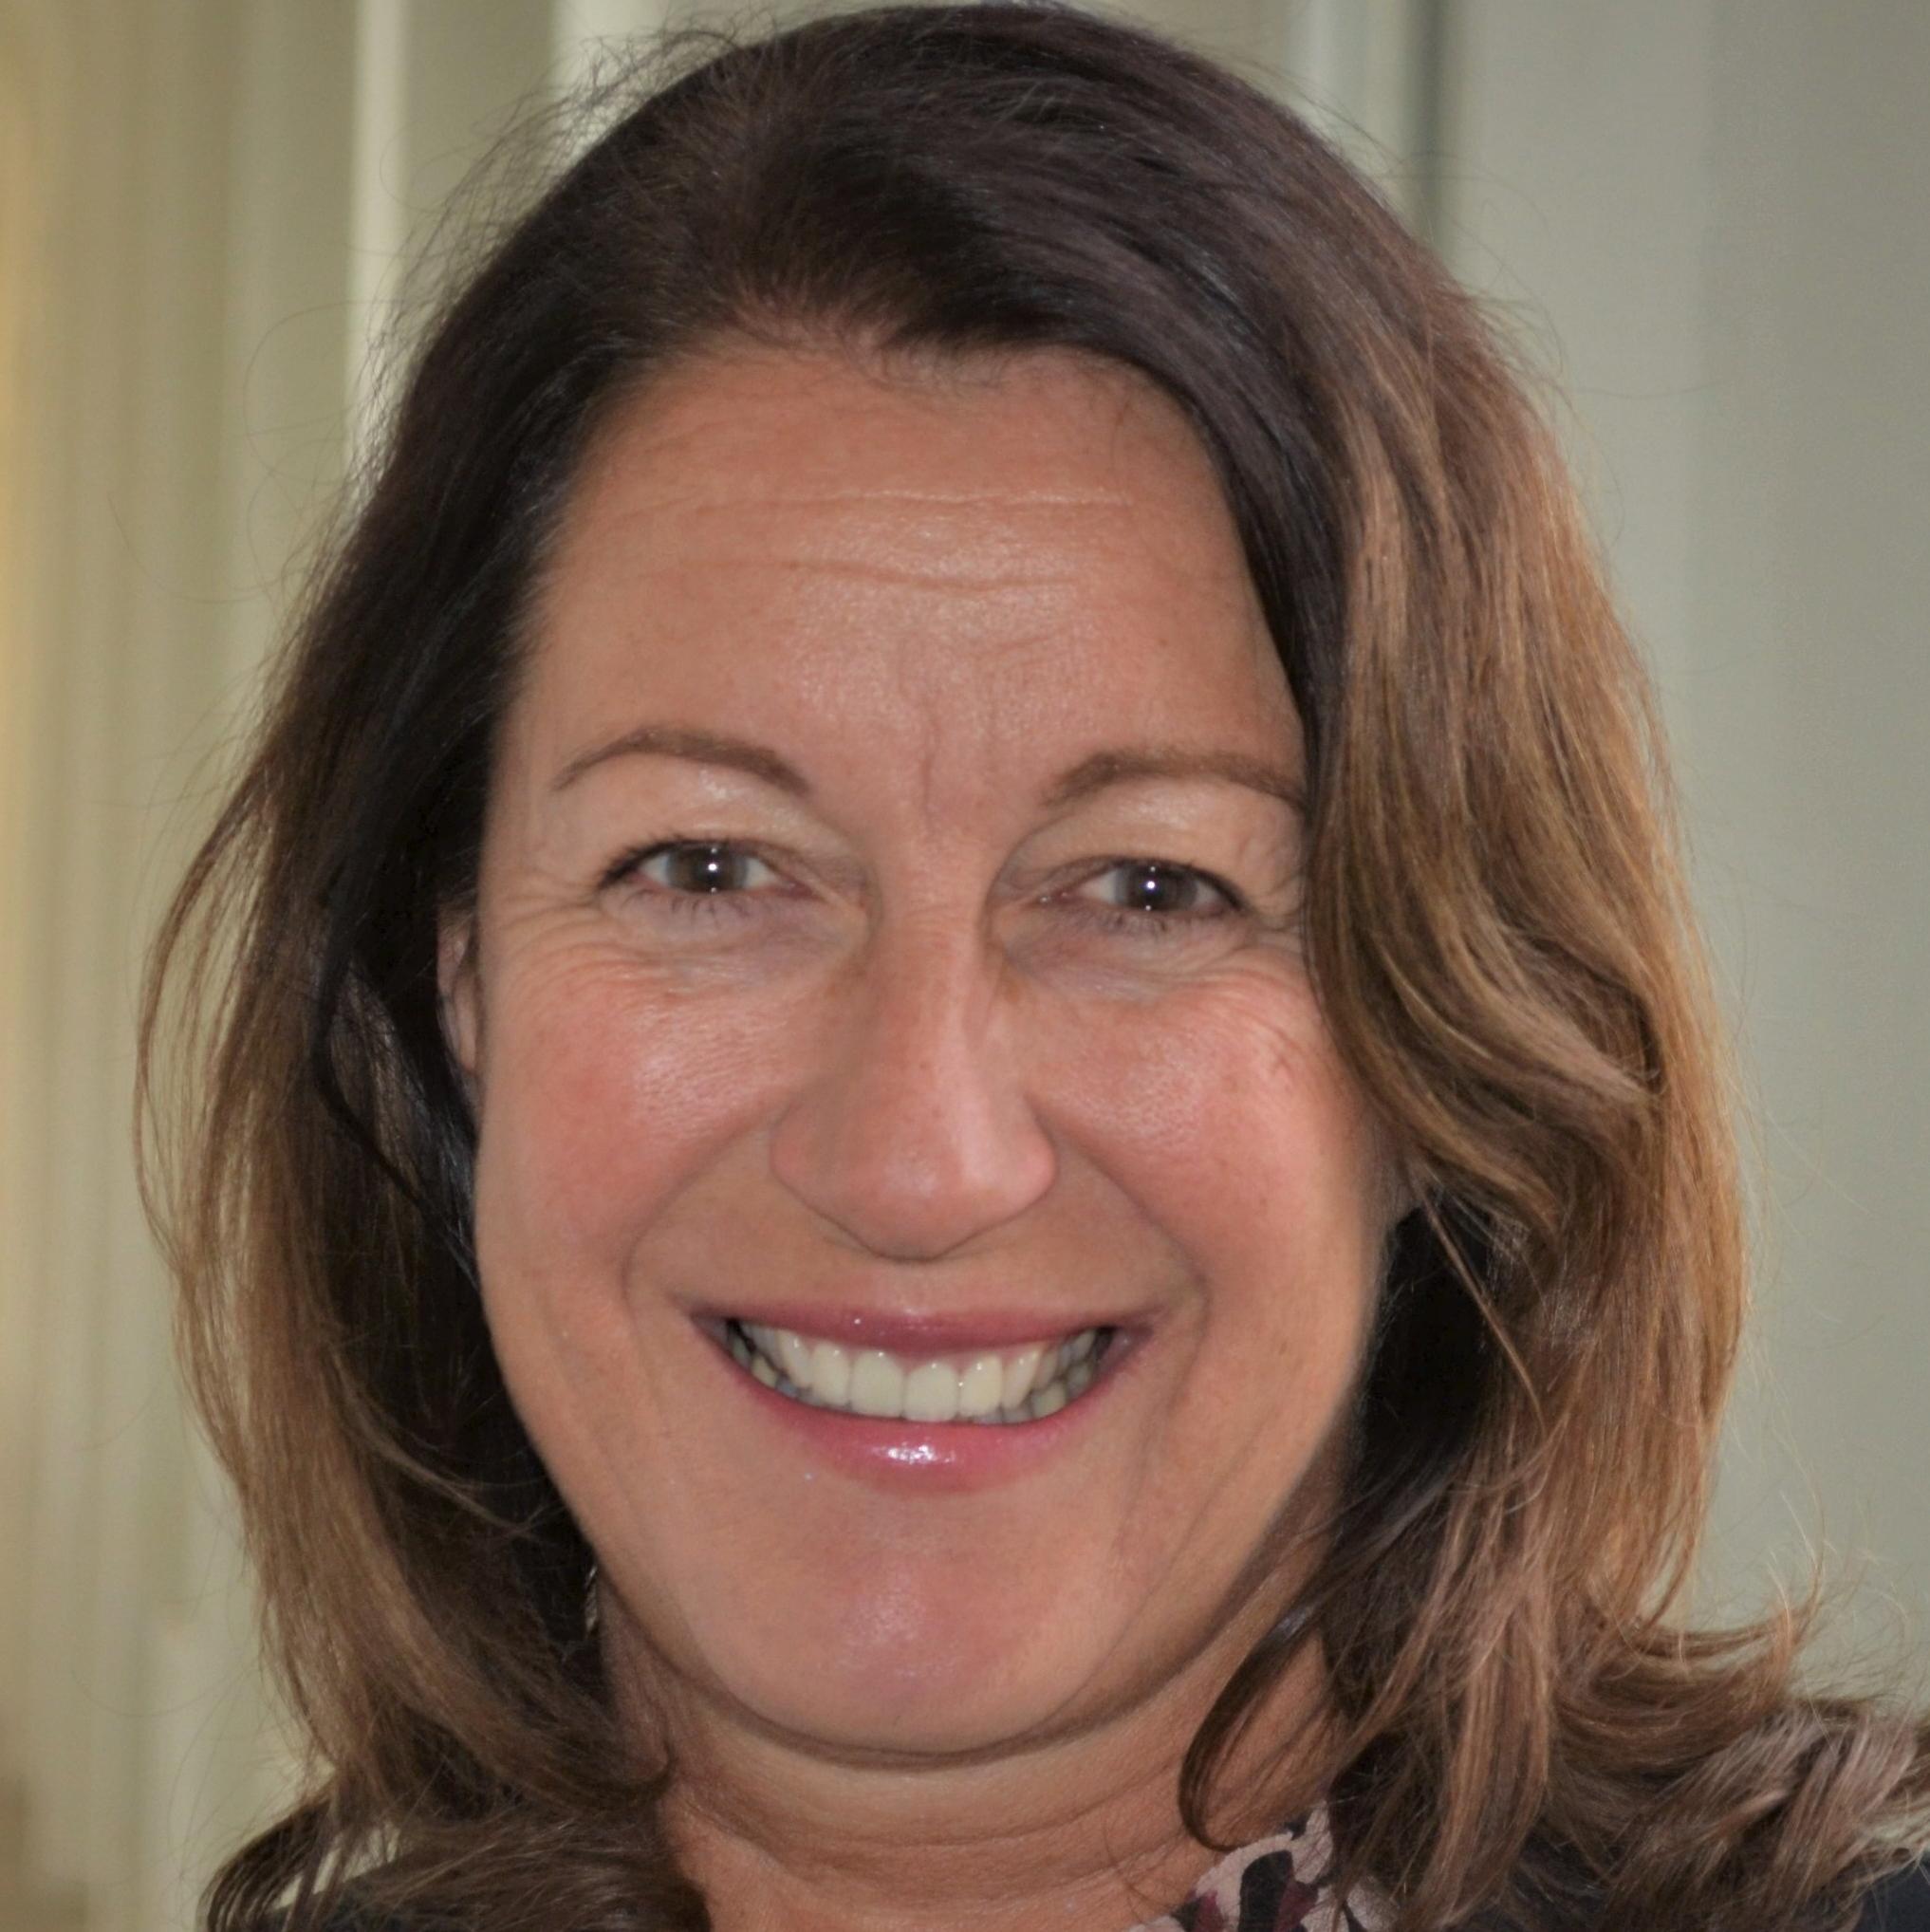 Andrea Roth